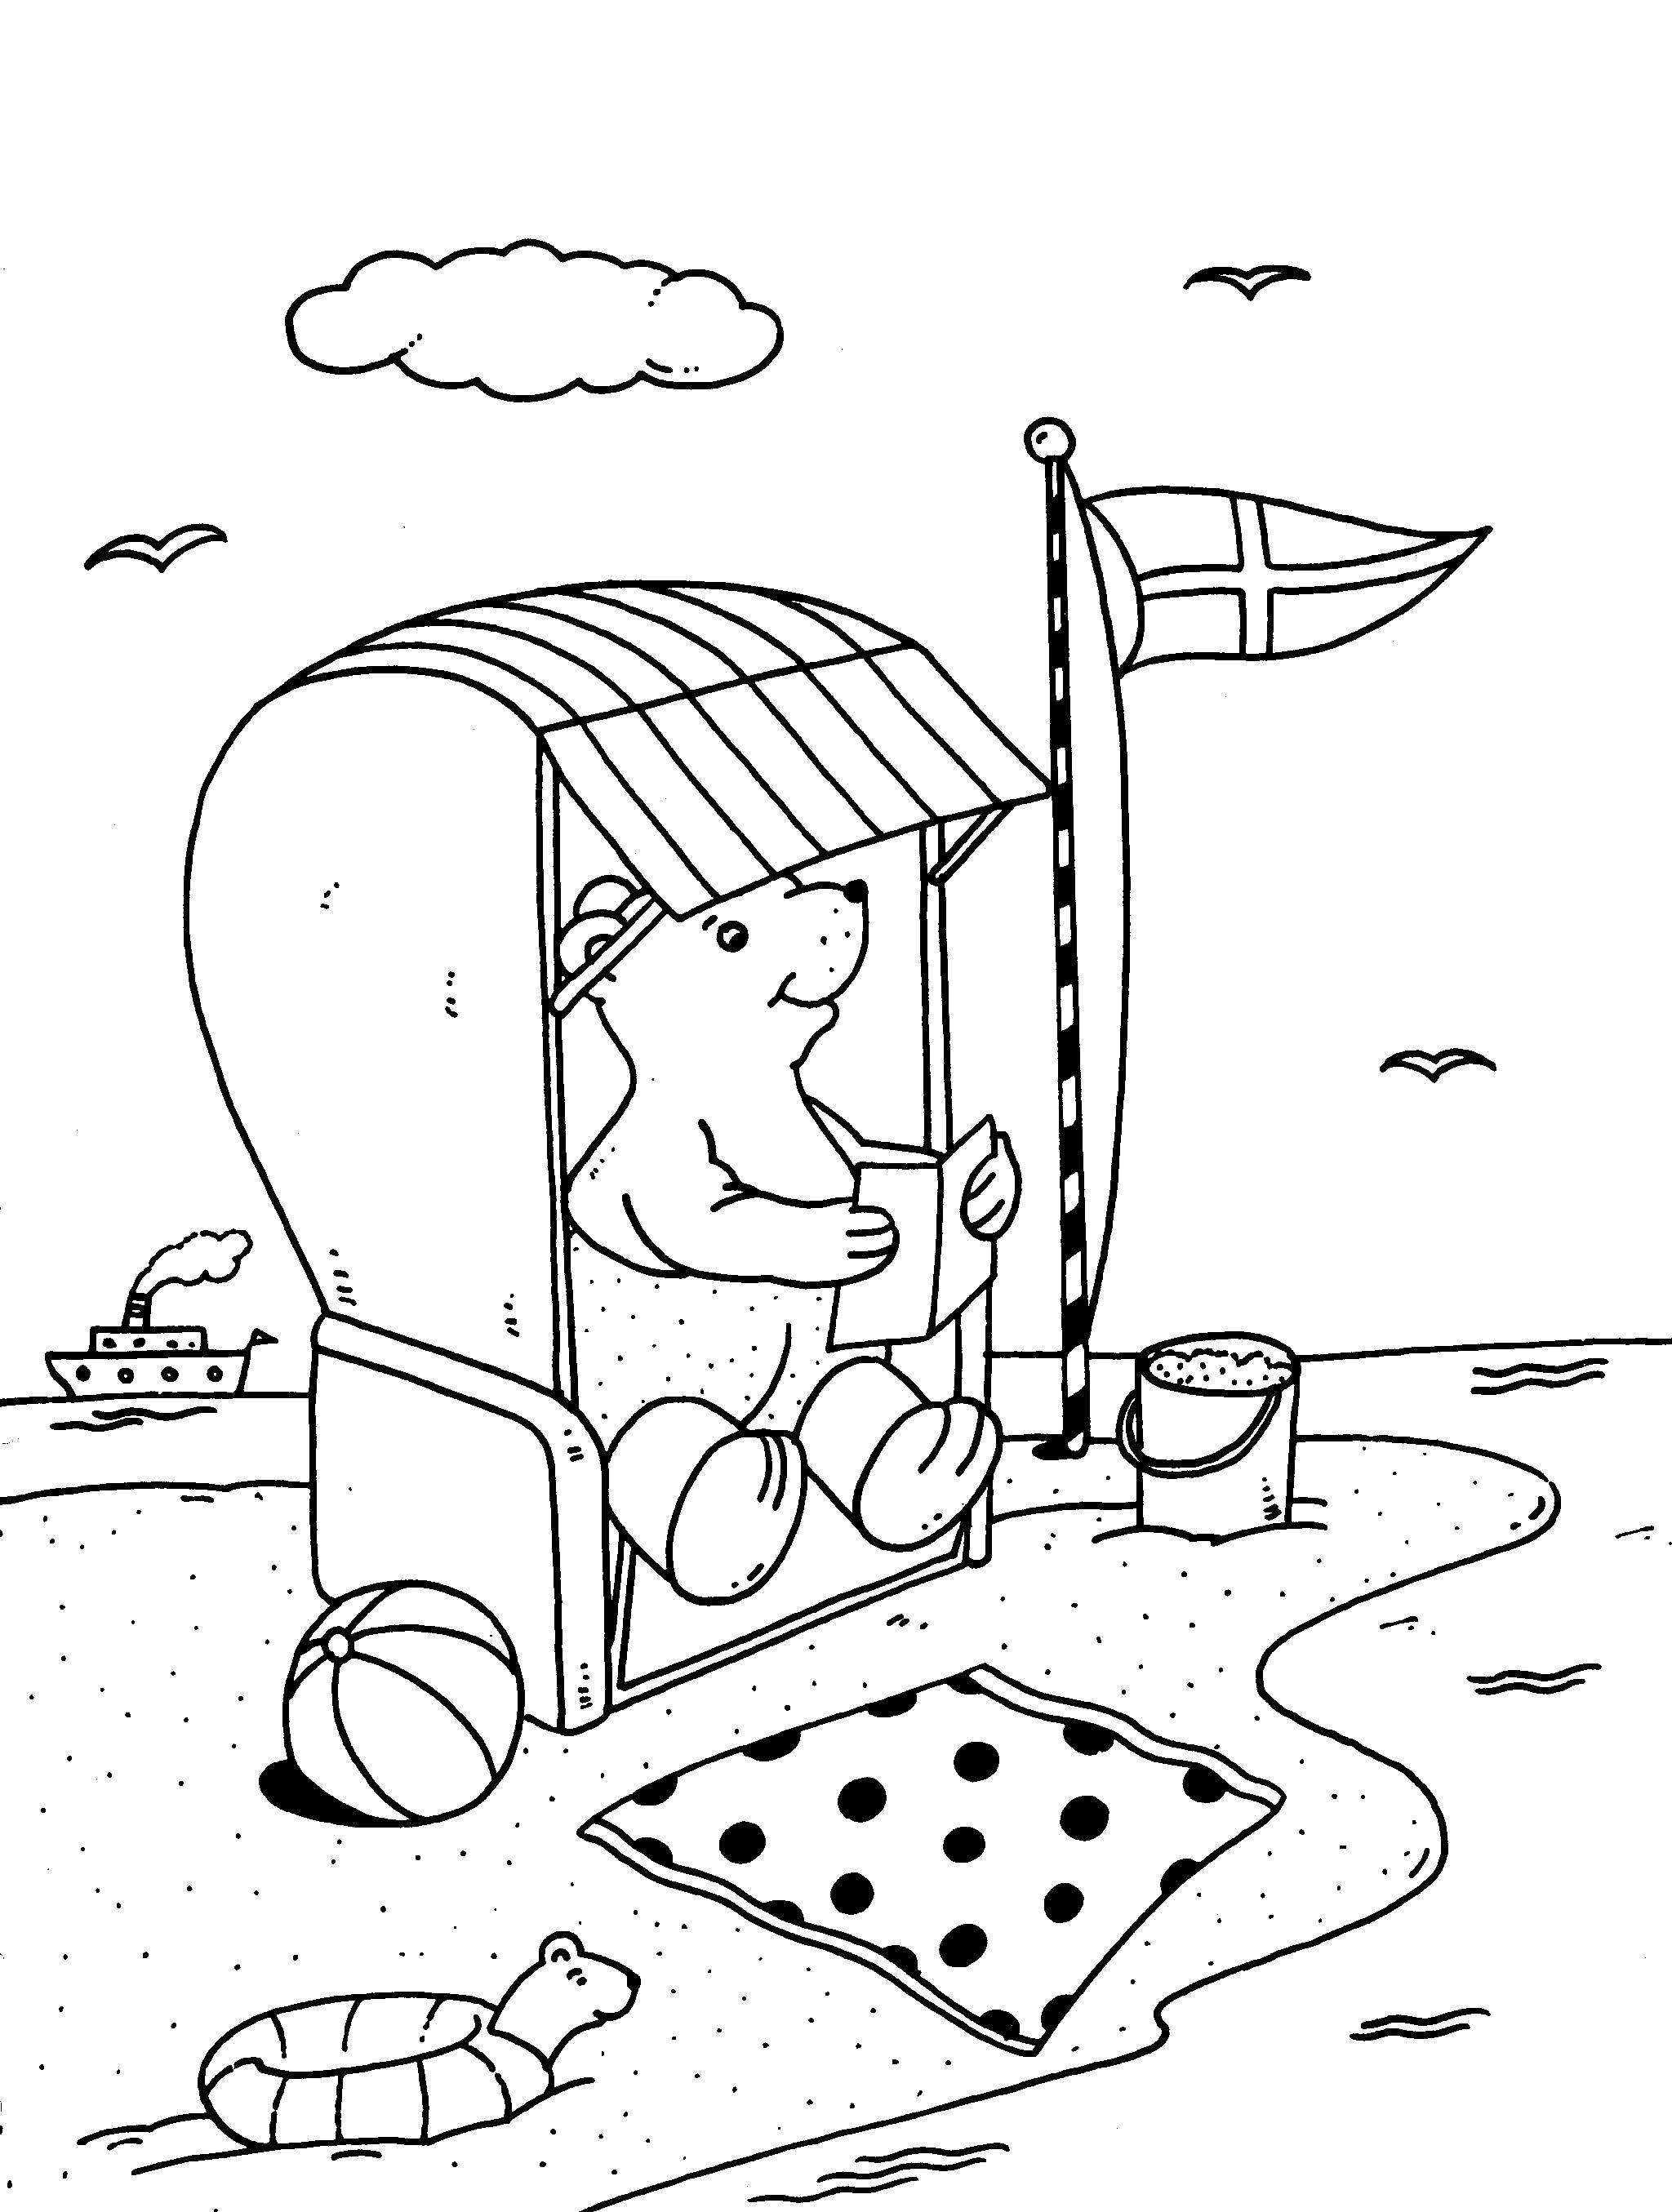 Strandkorb malvorlage  Ausmalbild Urlaub und Reisen: Bär im Strandkorb kostenlos ausdrucken